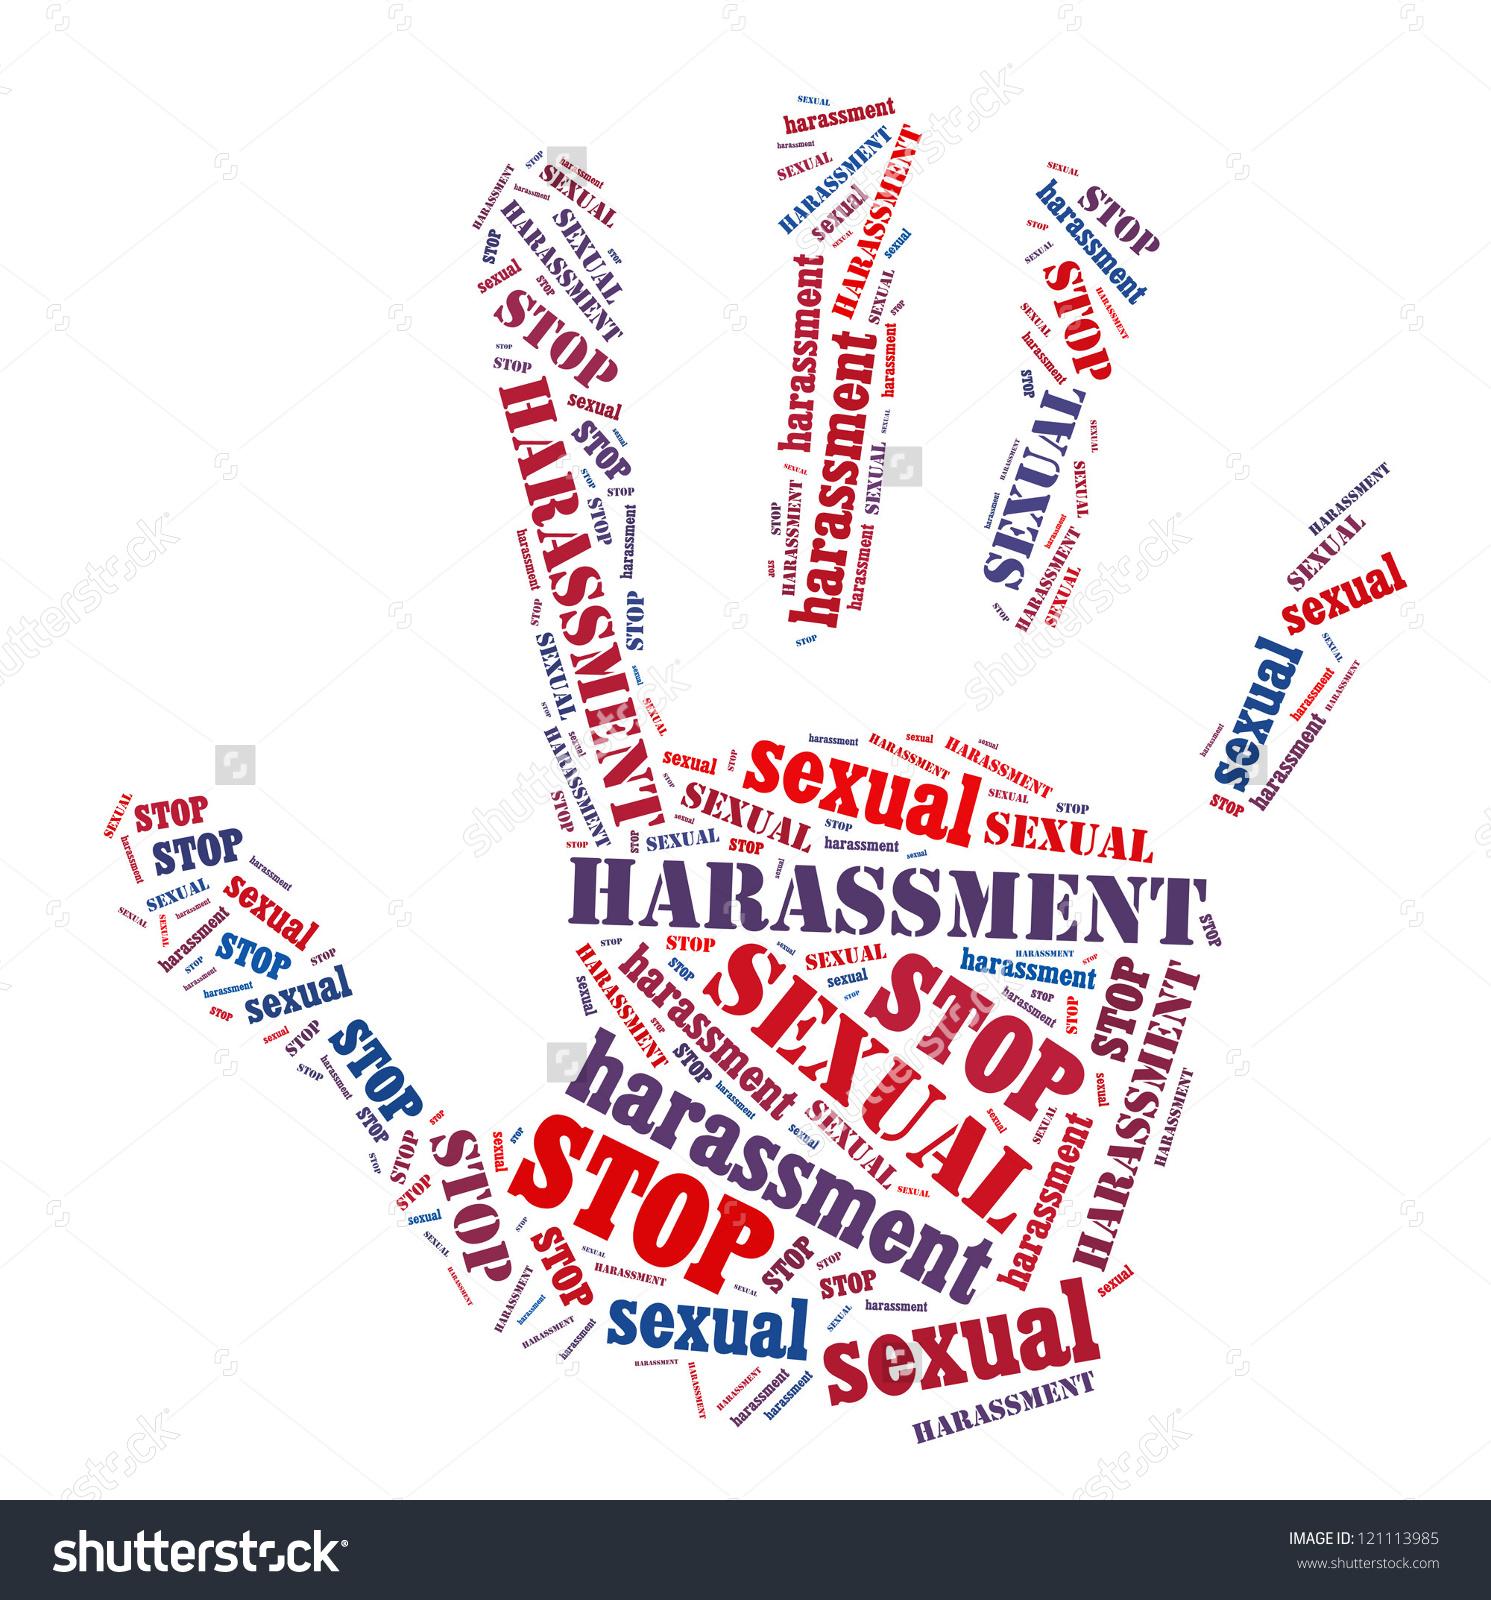 उतराखंड के वरिष्ठ बीजेपी लीडर पर यौन उत्पीड़न का आरोप